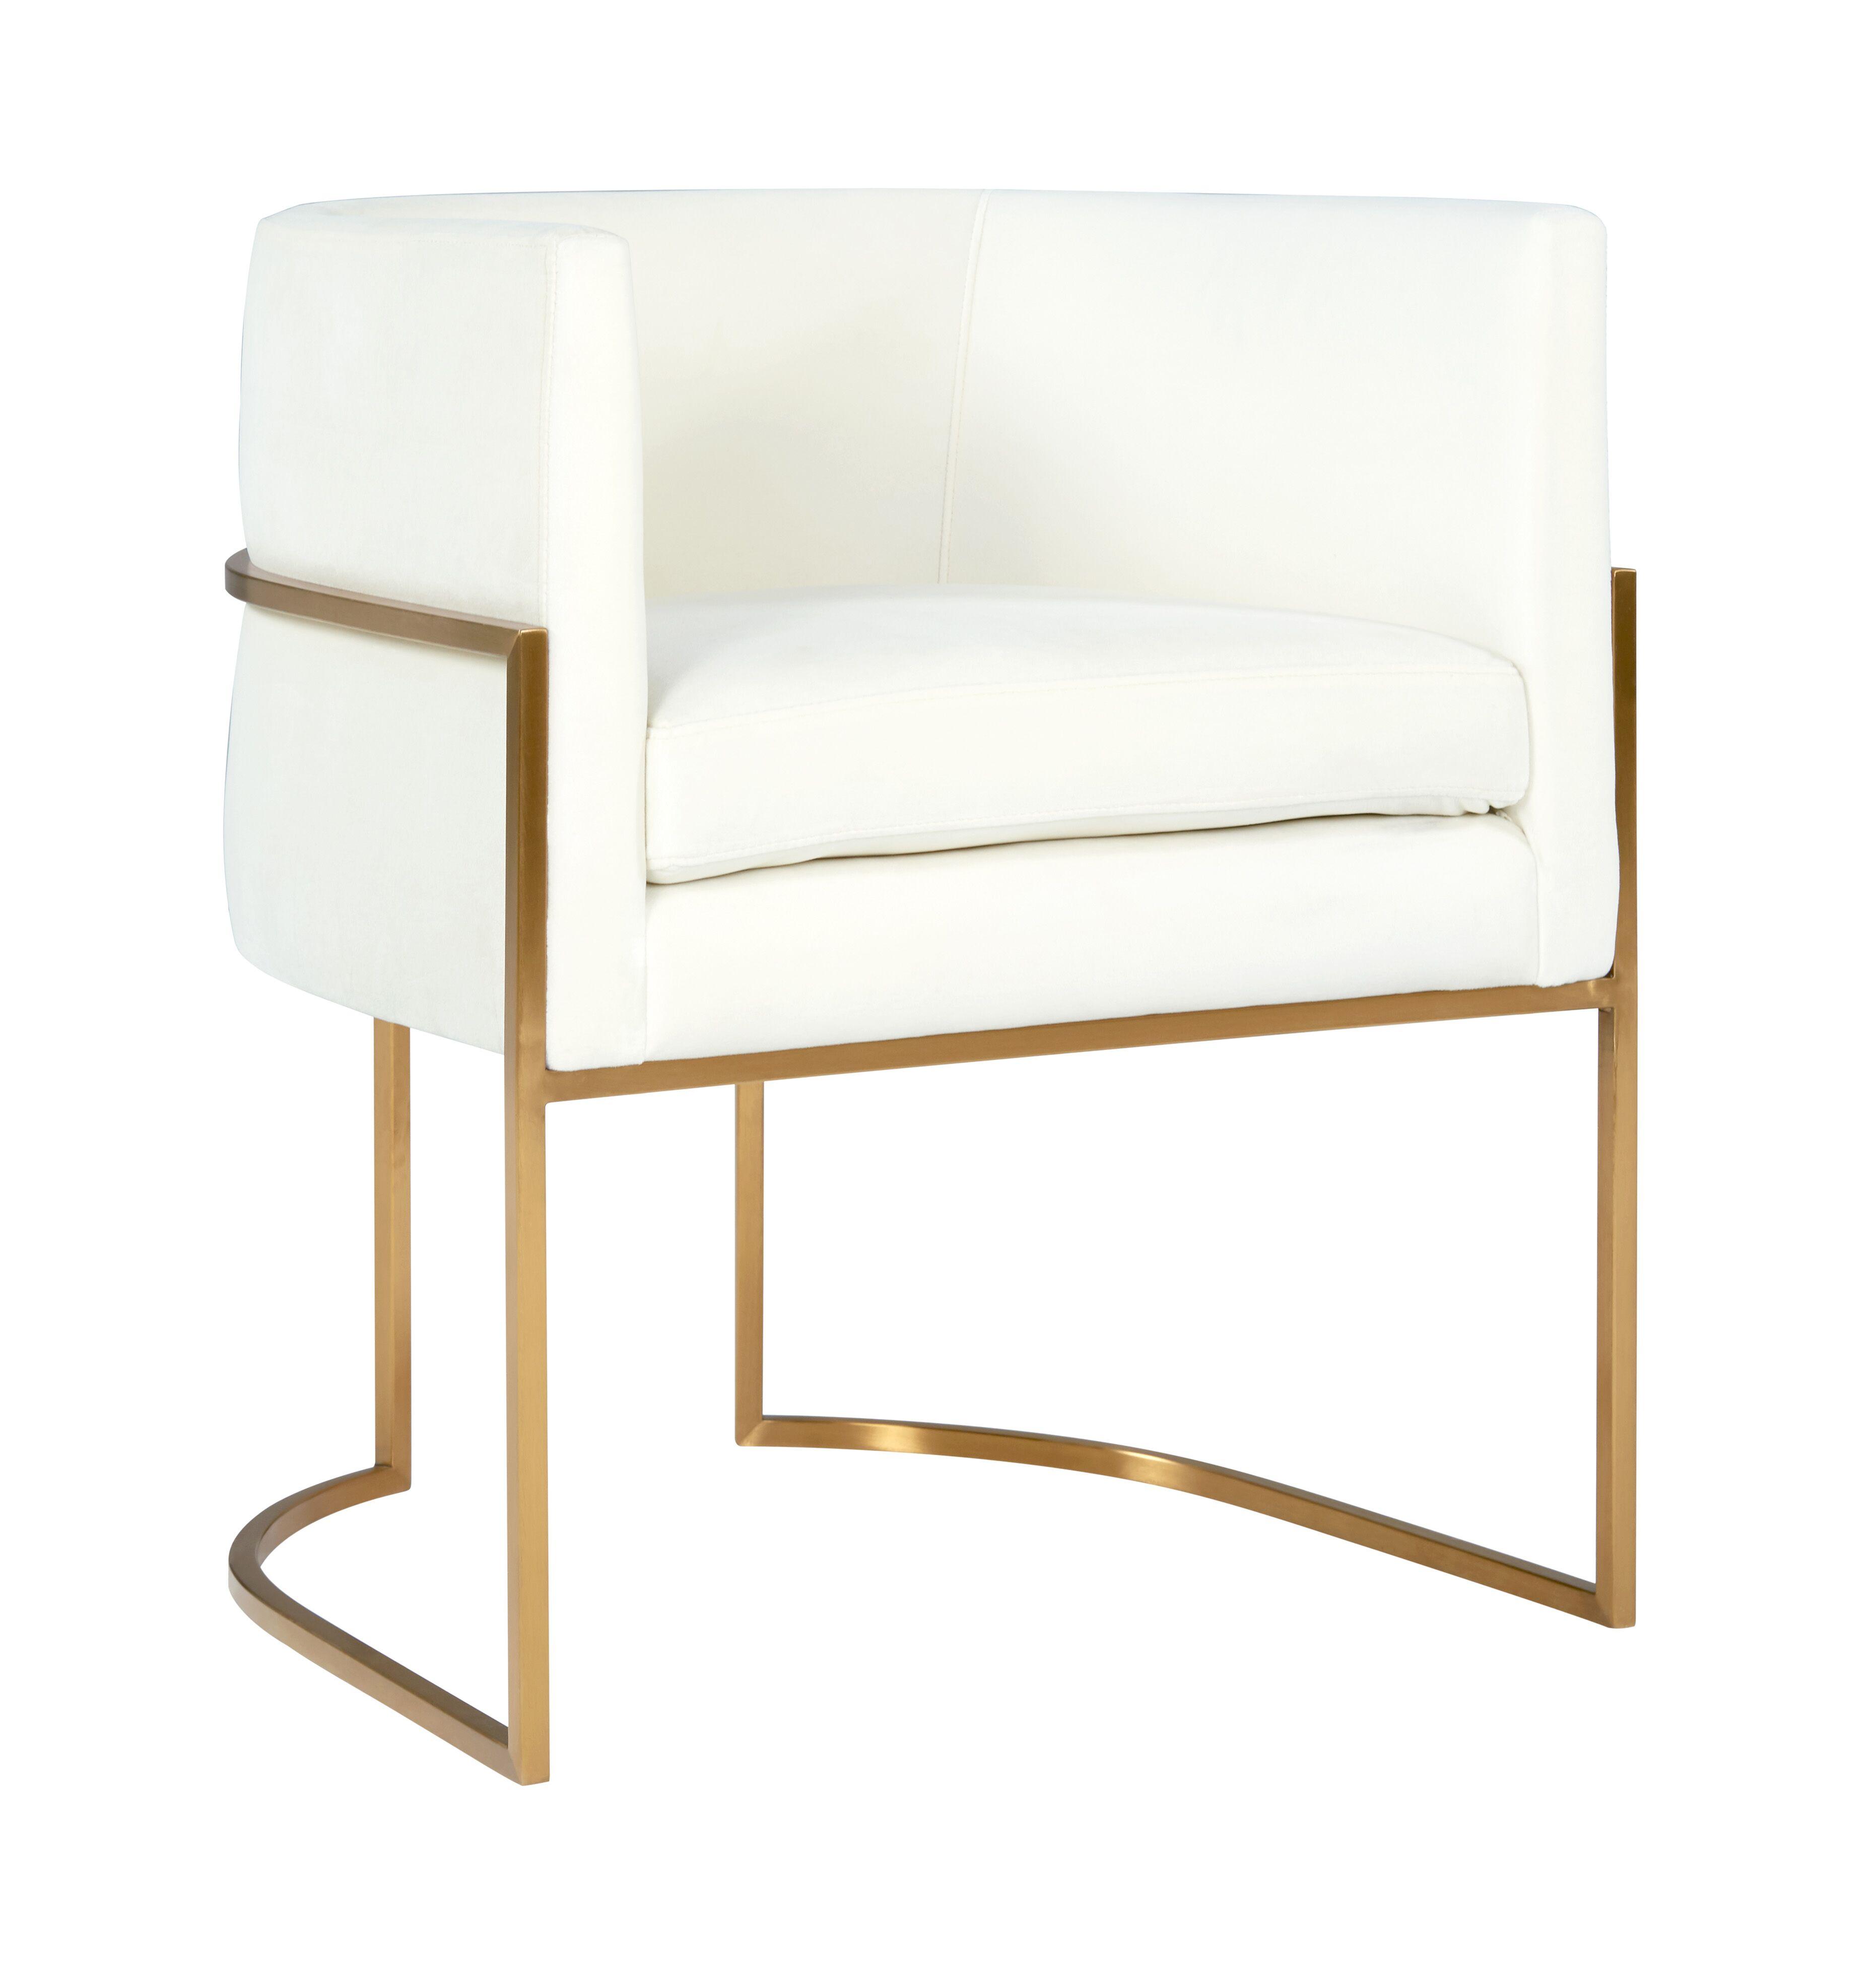 Awe Inspiring Giselle Cream Velvet Dining Chair W Gold Leg By Tov Furniture Dailytribune Chair Design For Home Dailytribuneorg